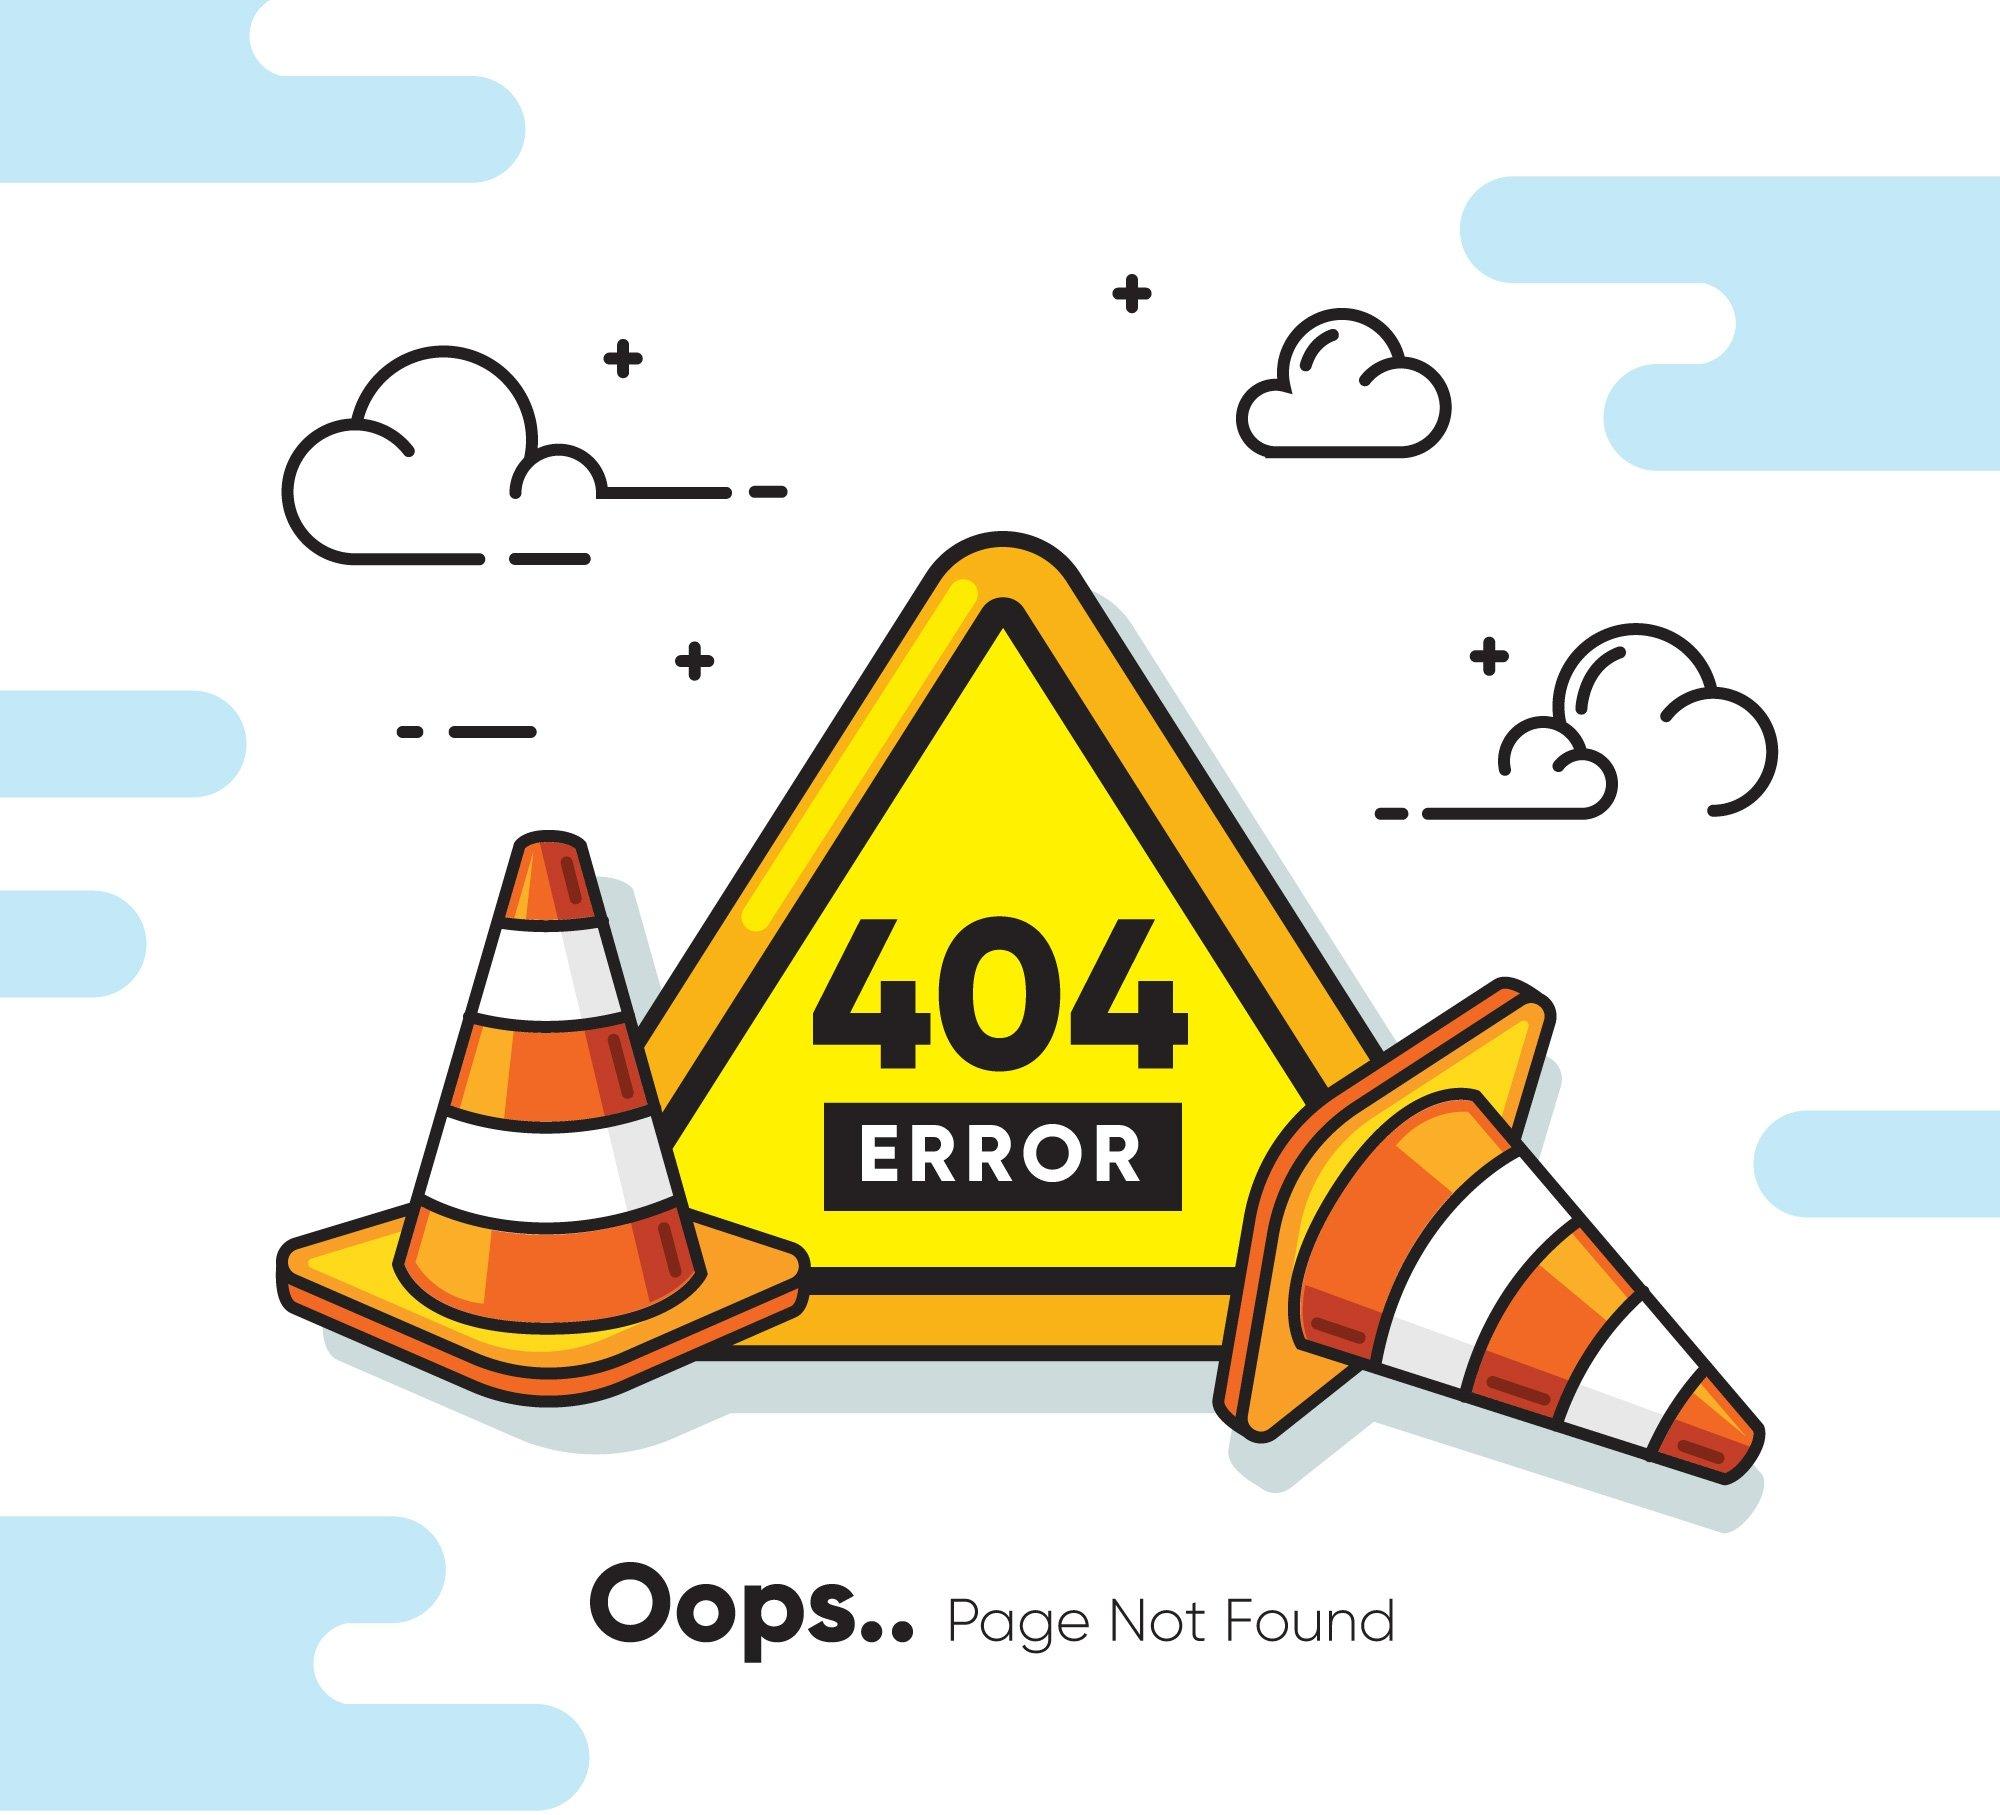 illustración error 404 pagina web no encontrada